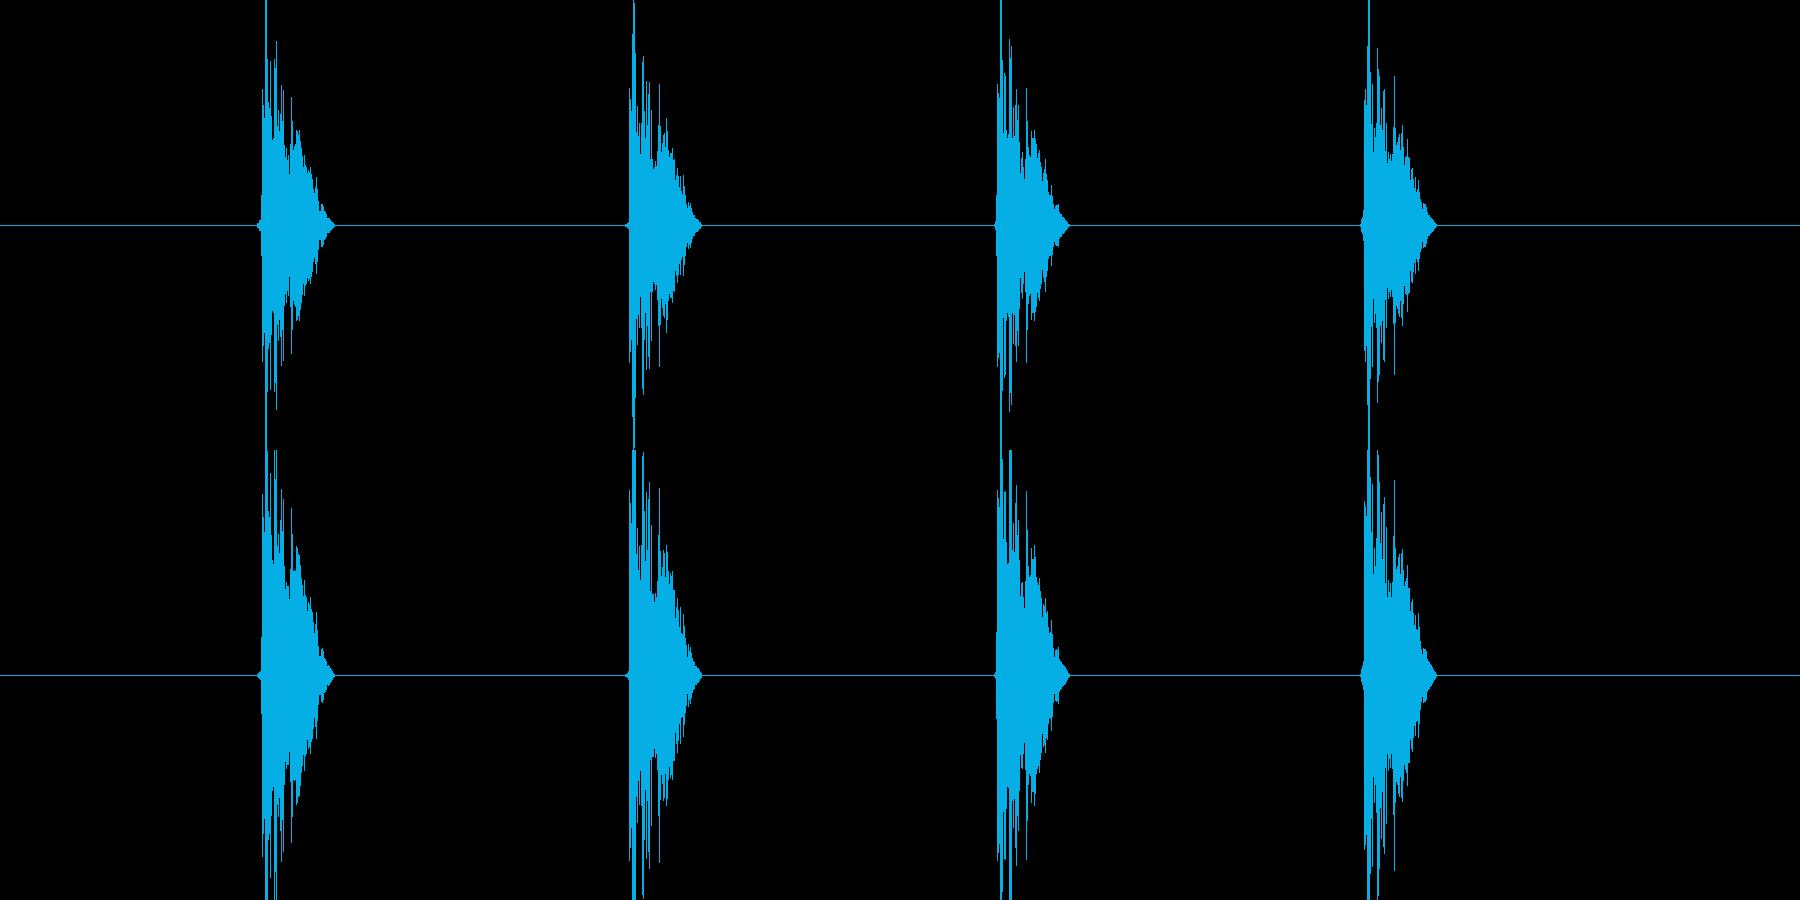 チッチッチッチッ(タンバリンの音)の再生済みの波形